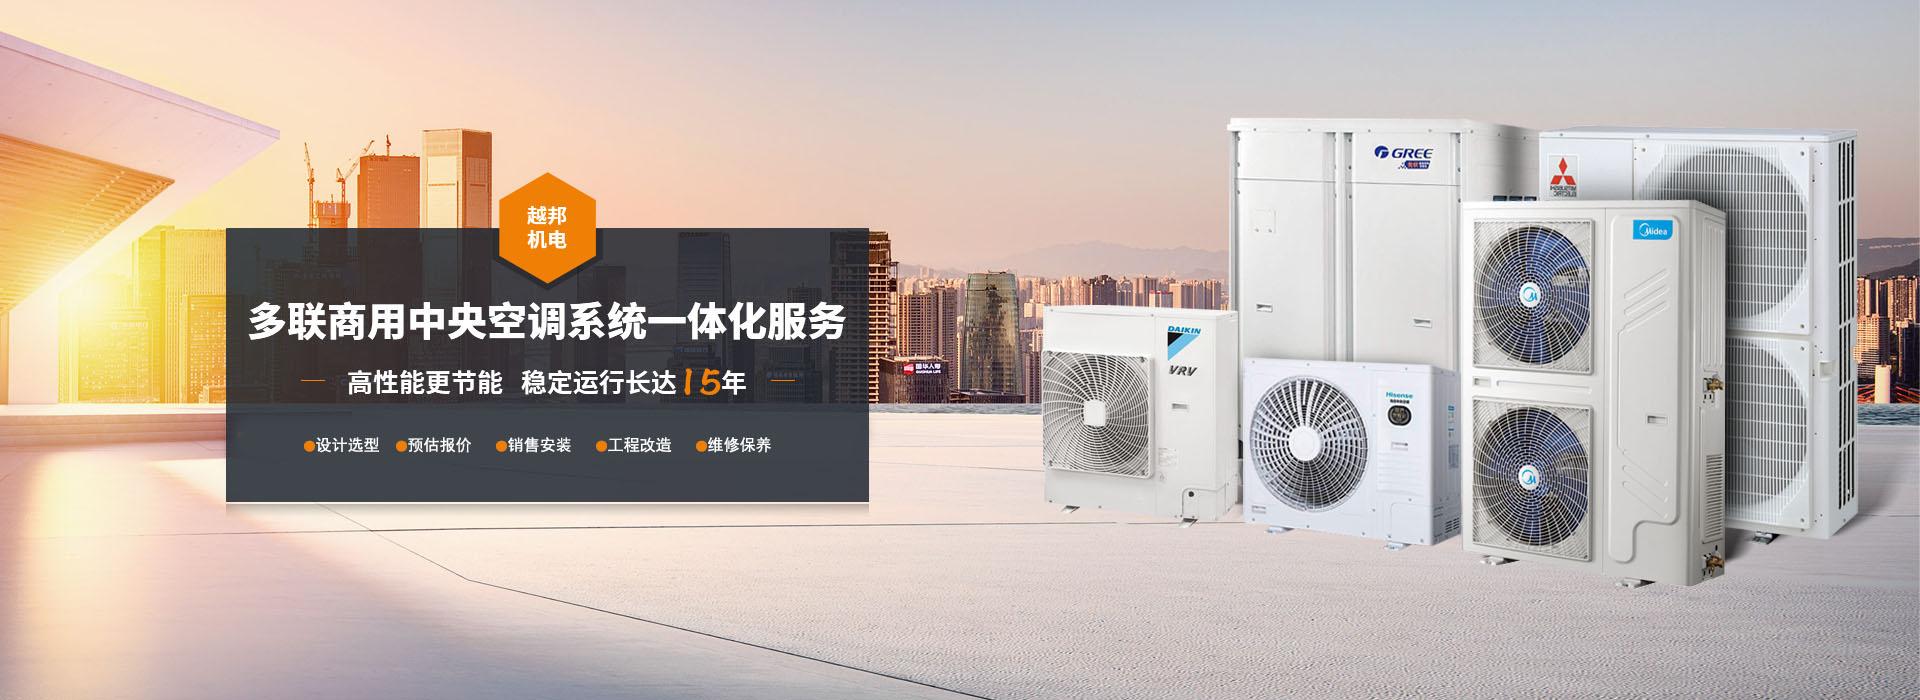 越邦机电多联商用中央系统一体化服务 高性能更节能  稳定运行长达10年